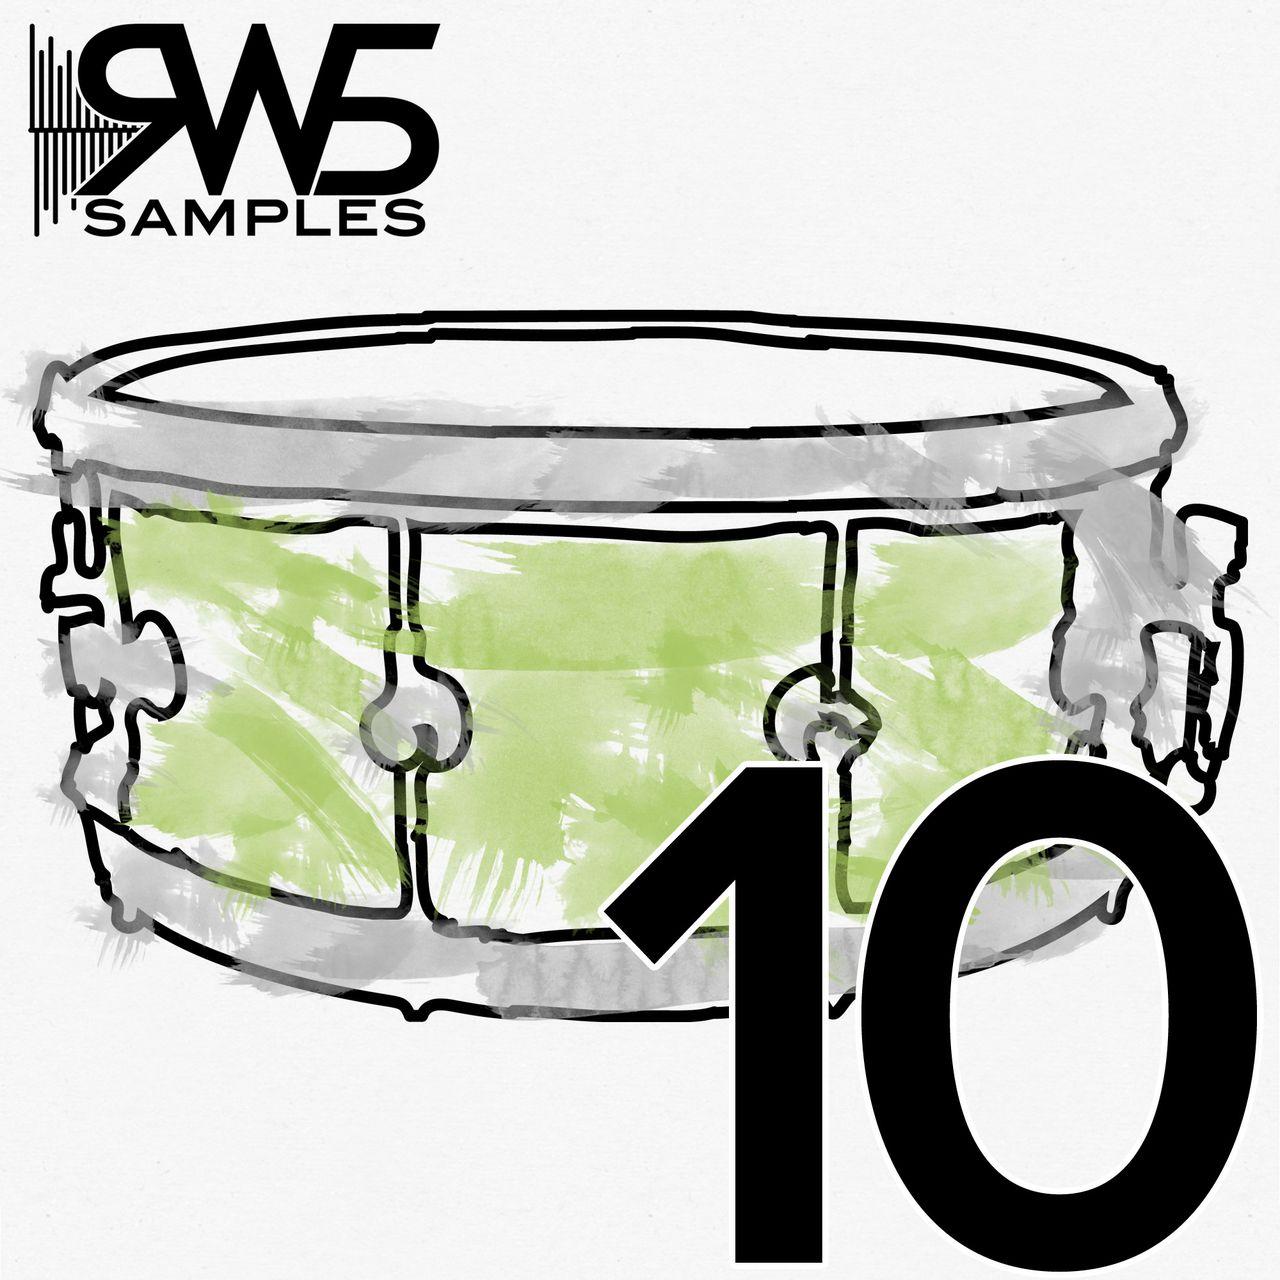 RW5 Snare 10